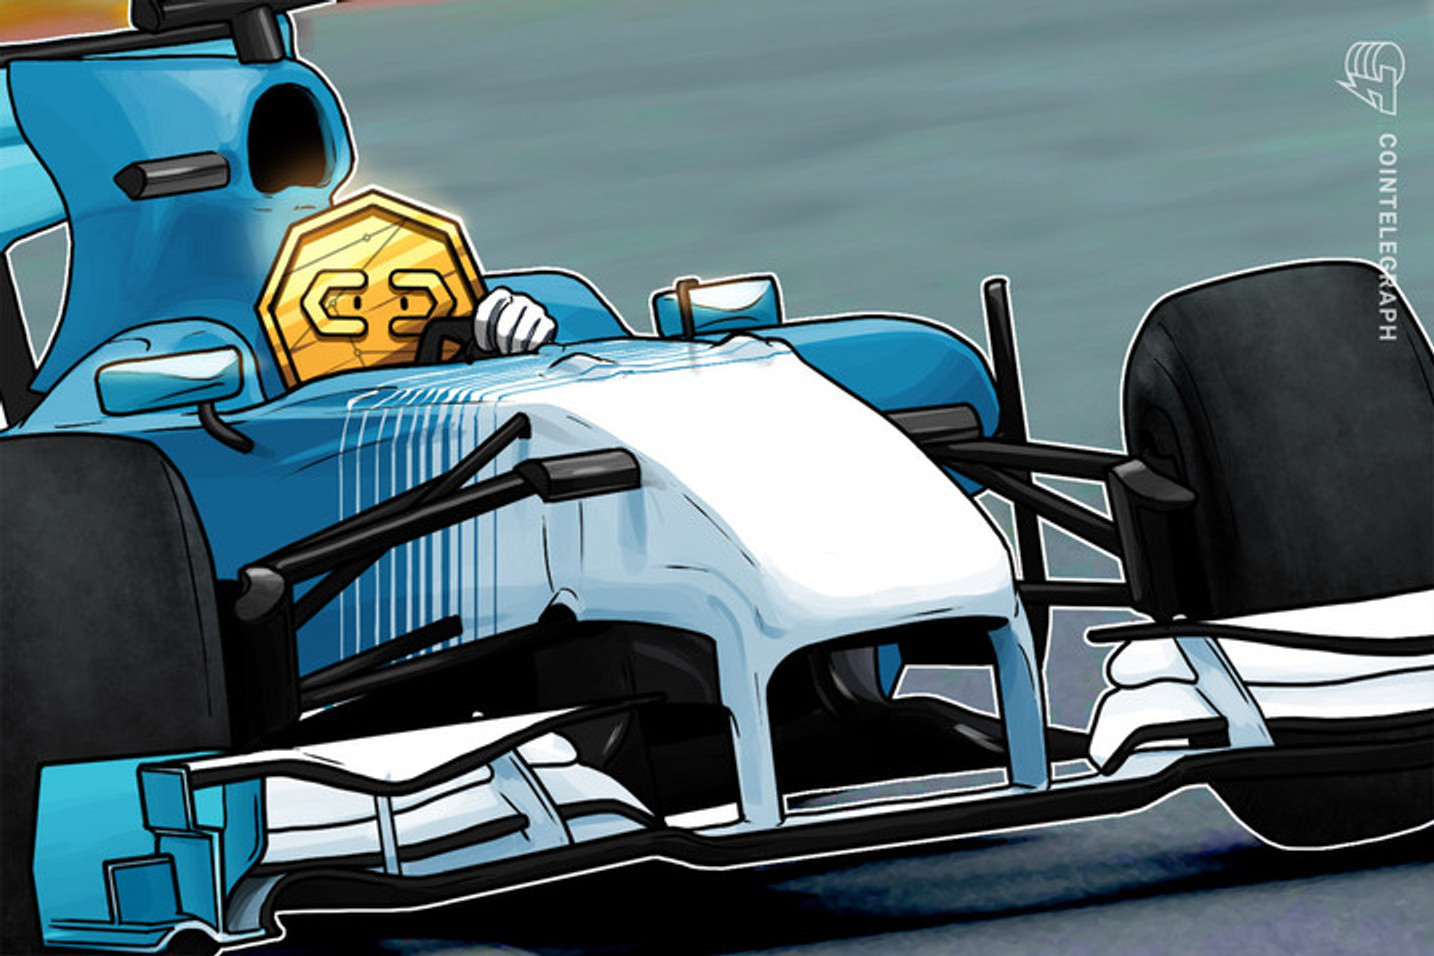 Formula 1 prepara lançamento de criptomoeda oficial em parceria com a Socios